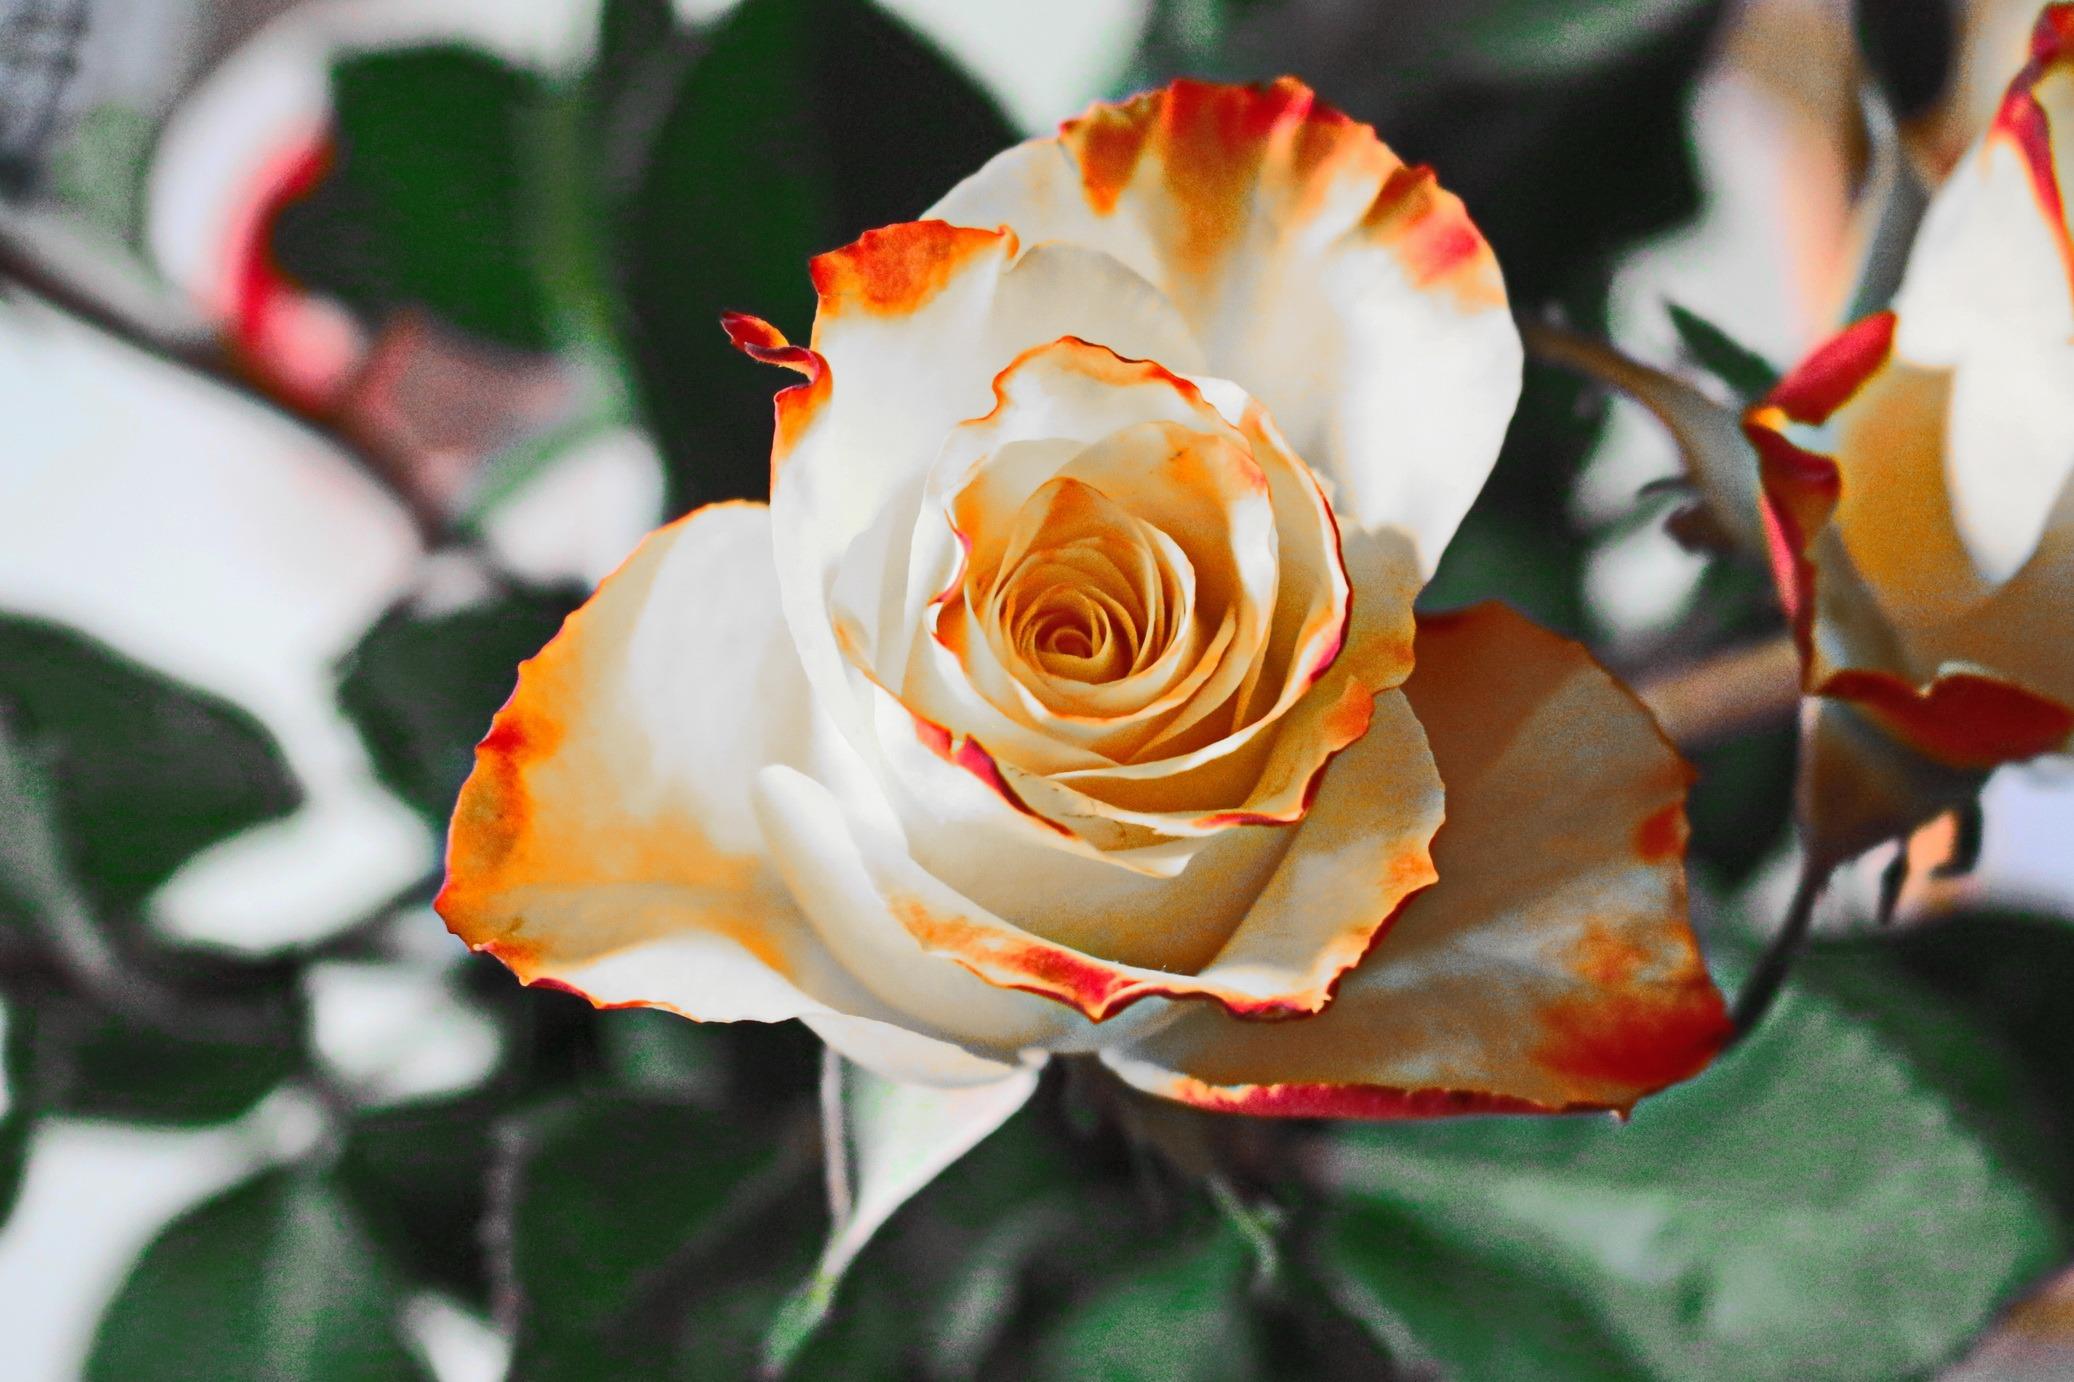 пасху красивые цветы картинки розы белые черные красные оранжевые домов